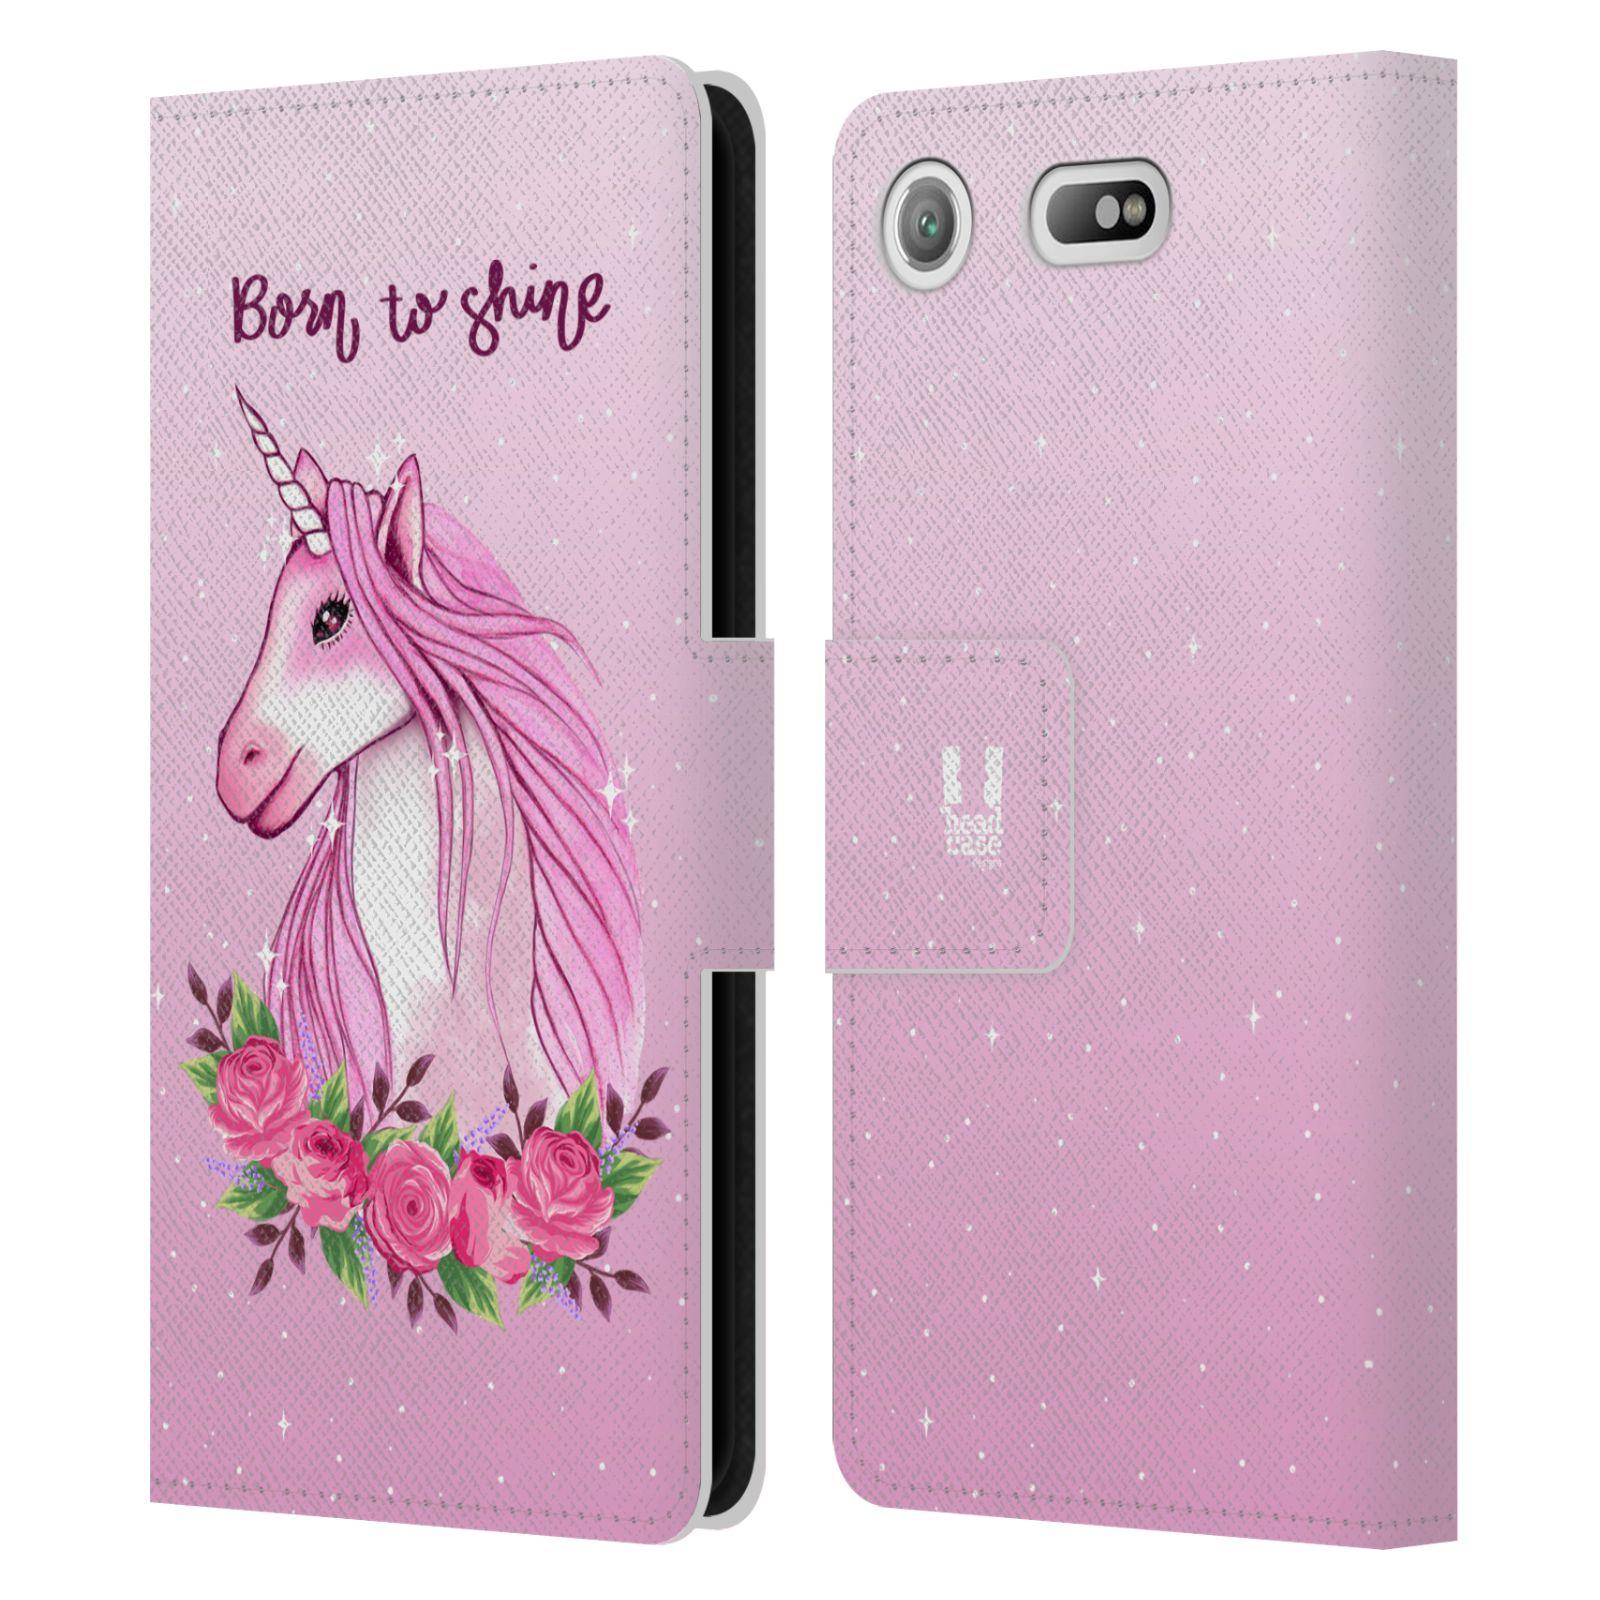 Pouzdro na mobil Sony Xperia XZ1 Compact - Head Case - Růžový jednorožec růže